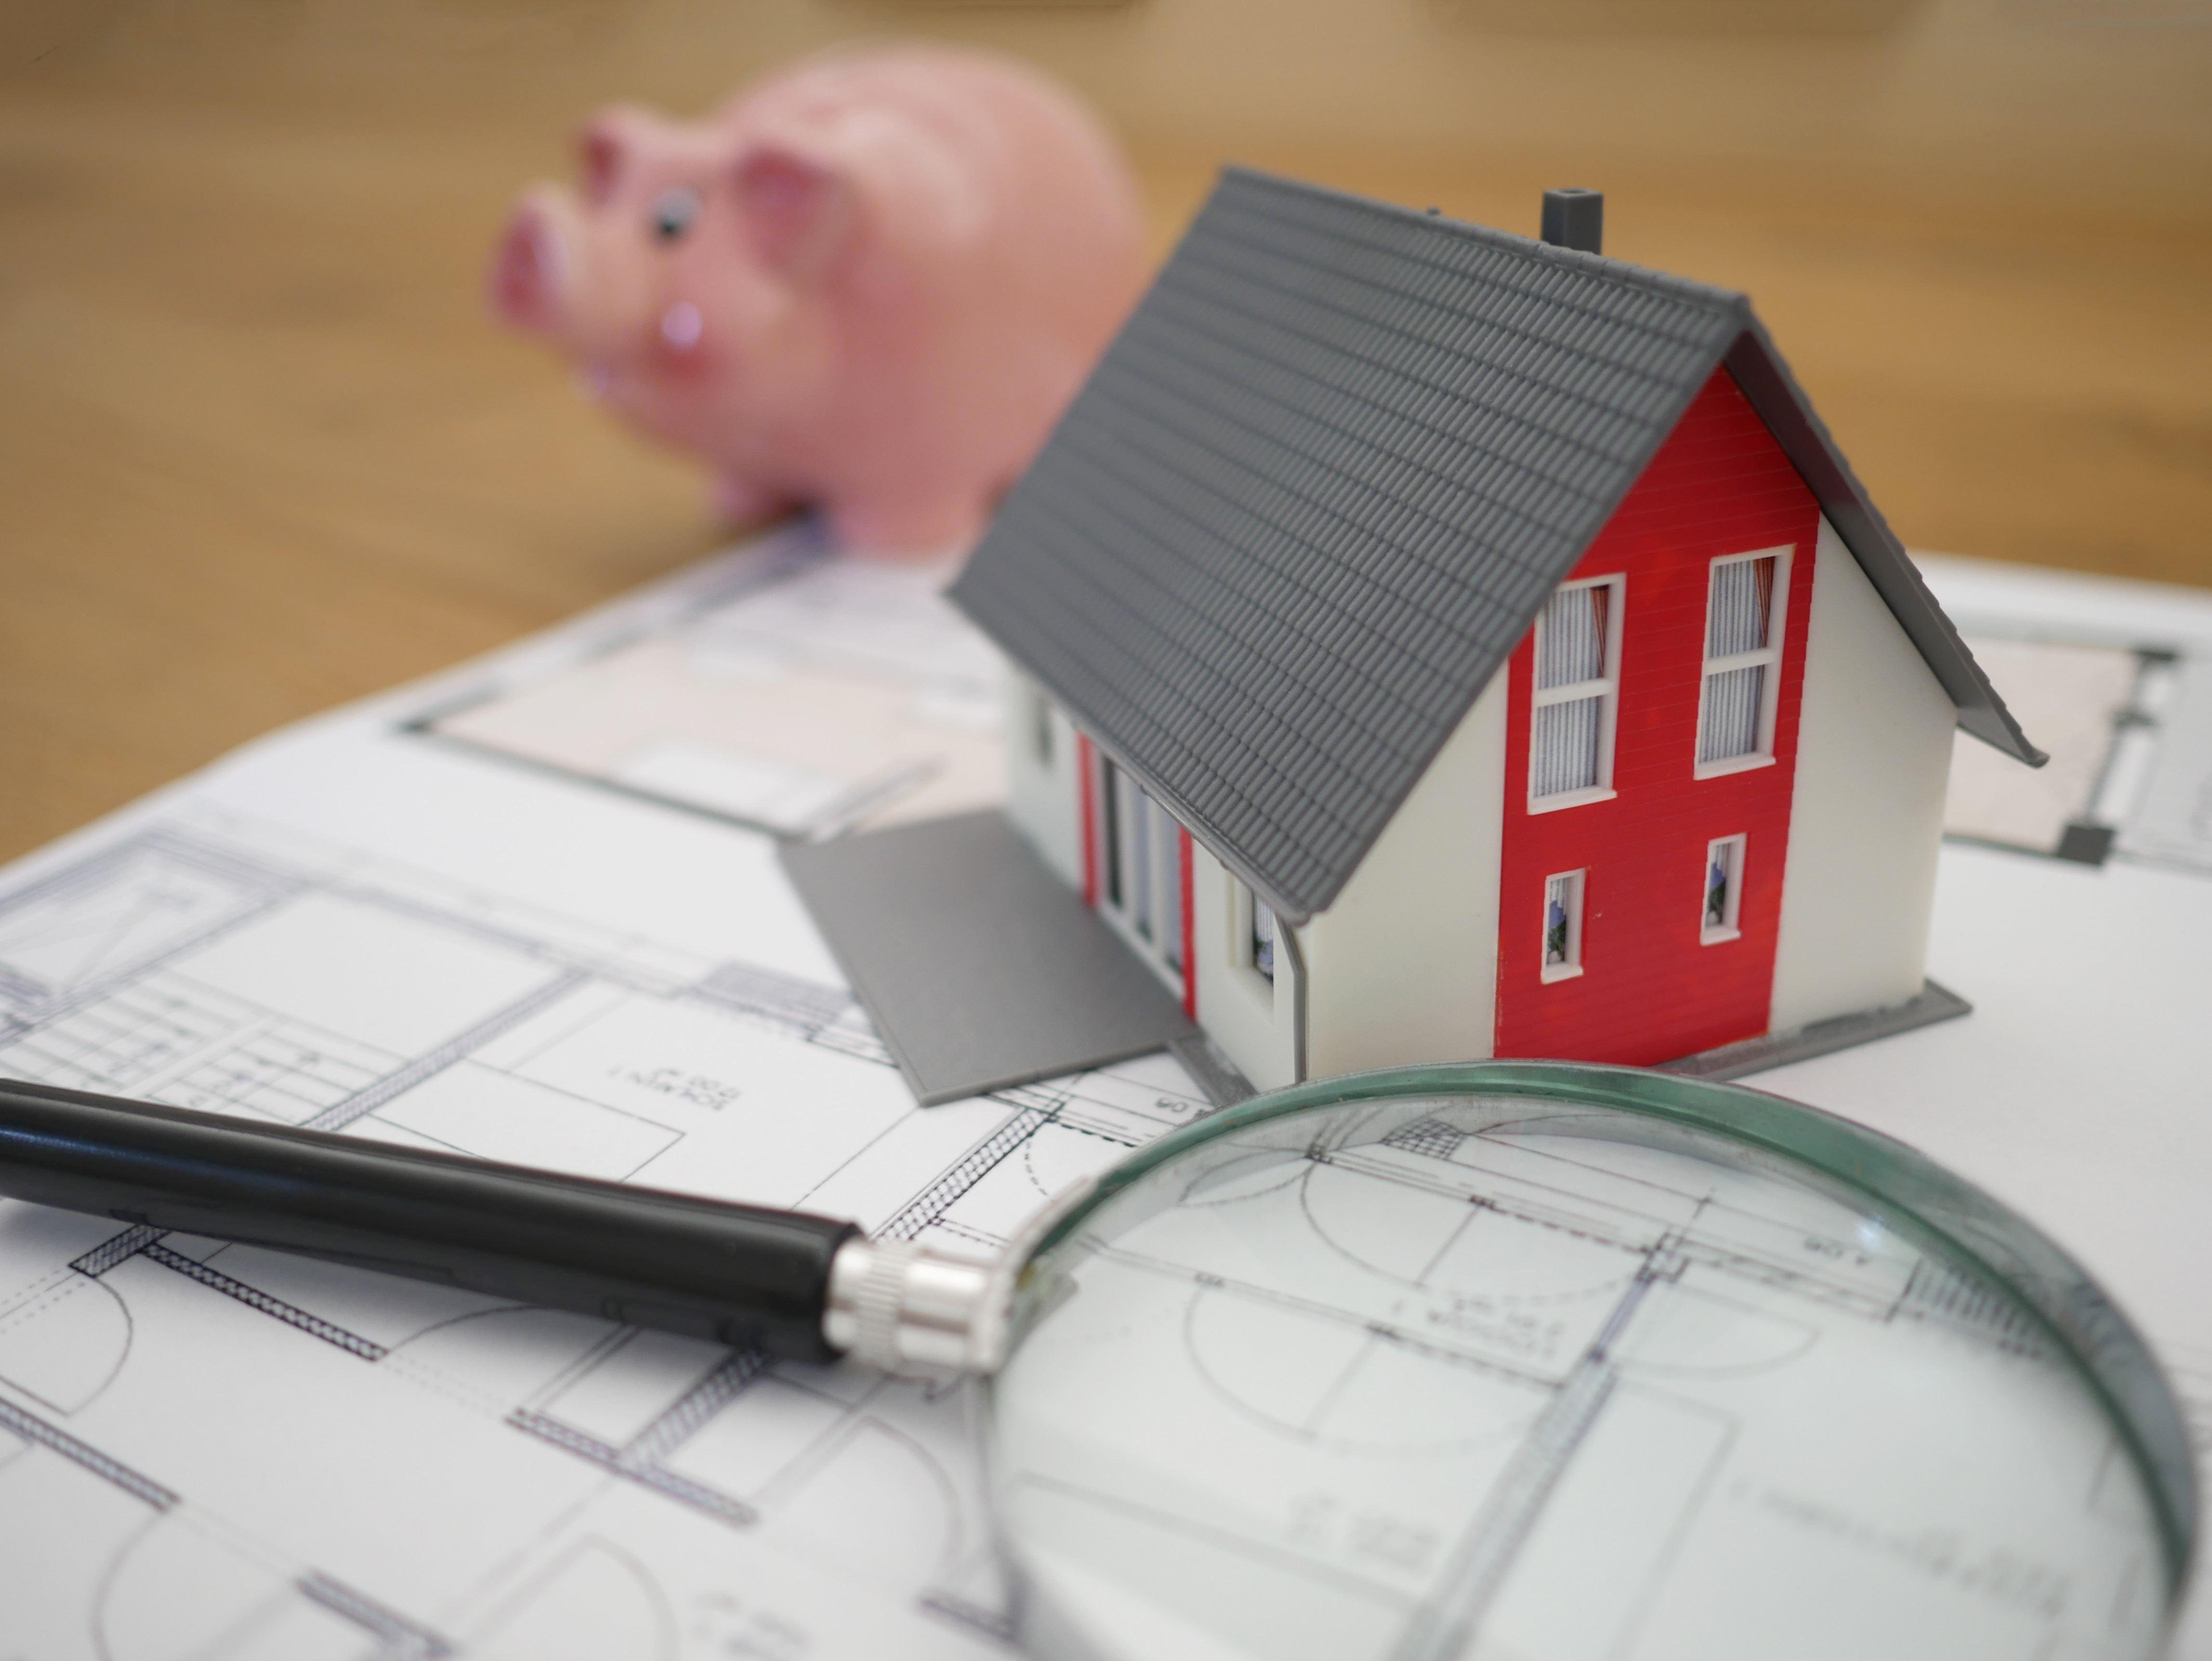 Noch bleibt der Wohnungsmarkt von der Corona-Krise weitgehend unberührt. Doch schon jetzt sei ein Einbruch der Nachfrage erkennbar, der im Umkehrschluss zu fallenden Mietpreisen führen könnte.